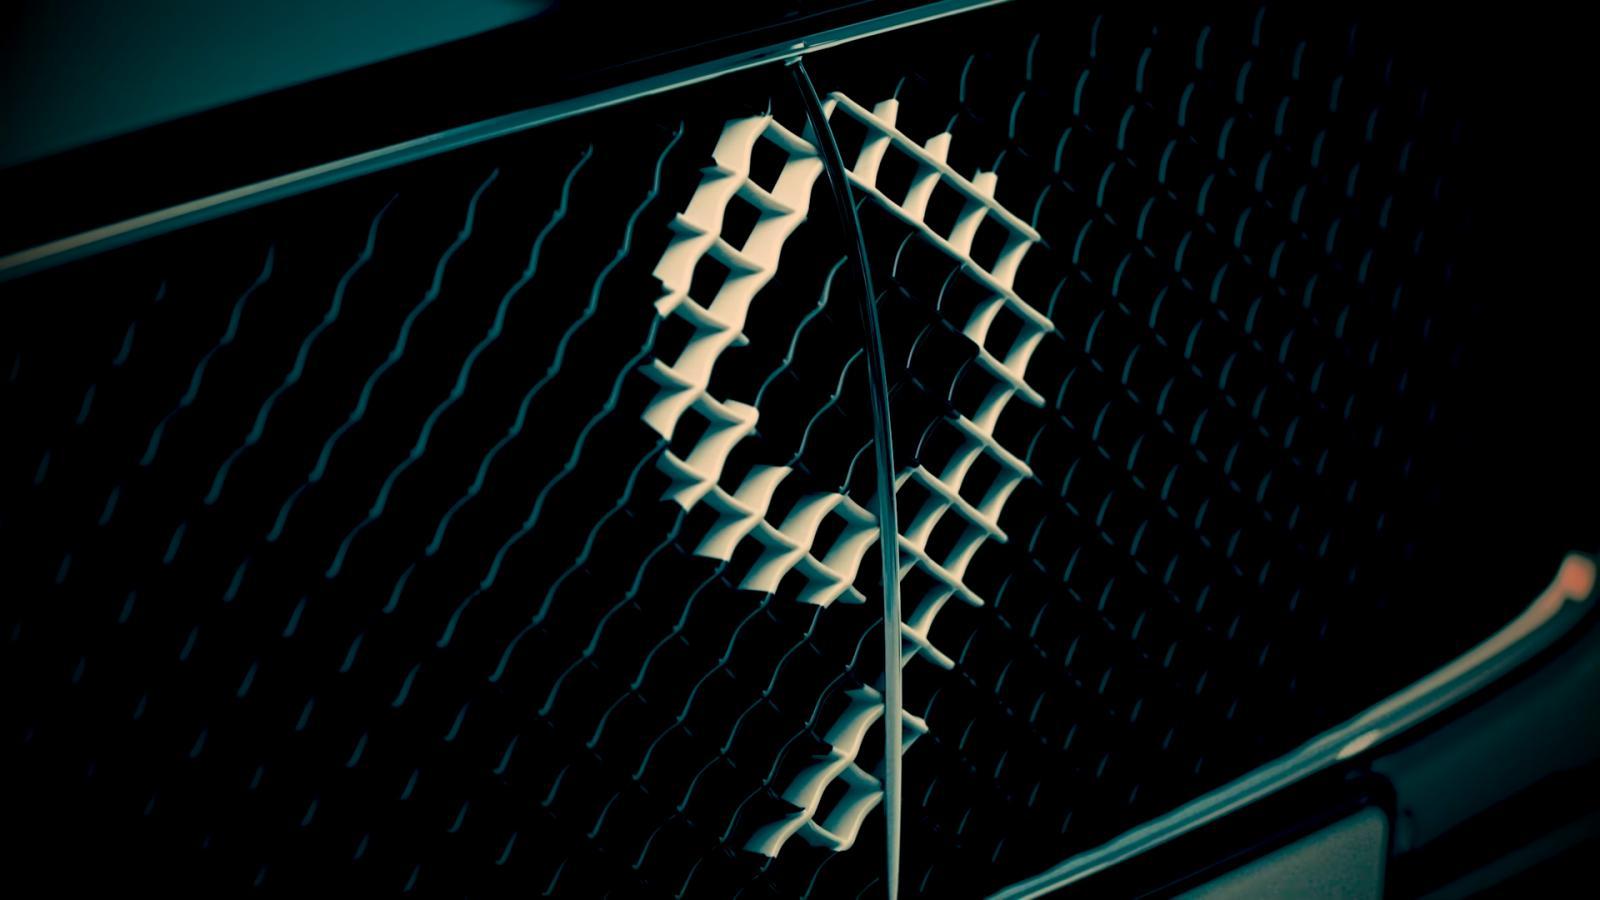 El Bentley Continental GT es uno de sus autos más emblemáticos